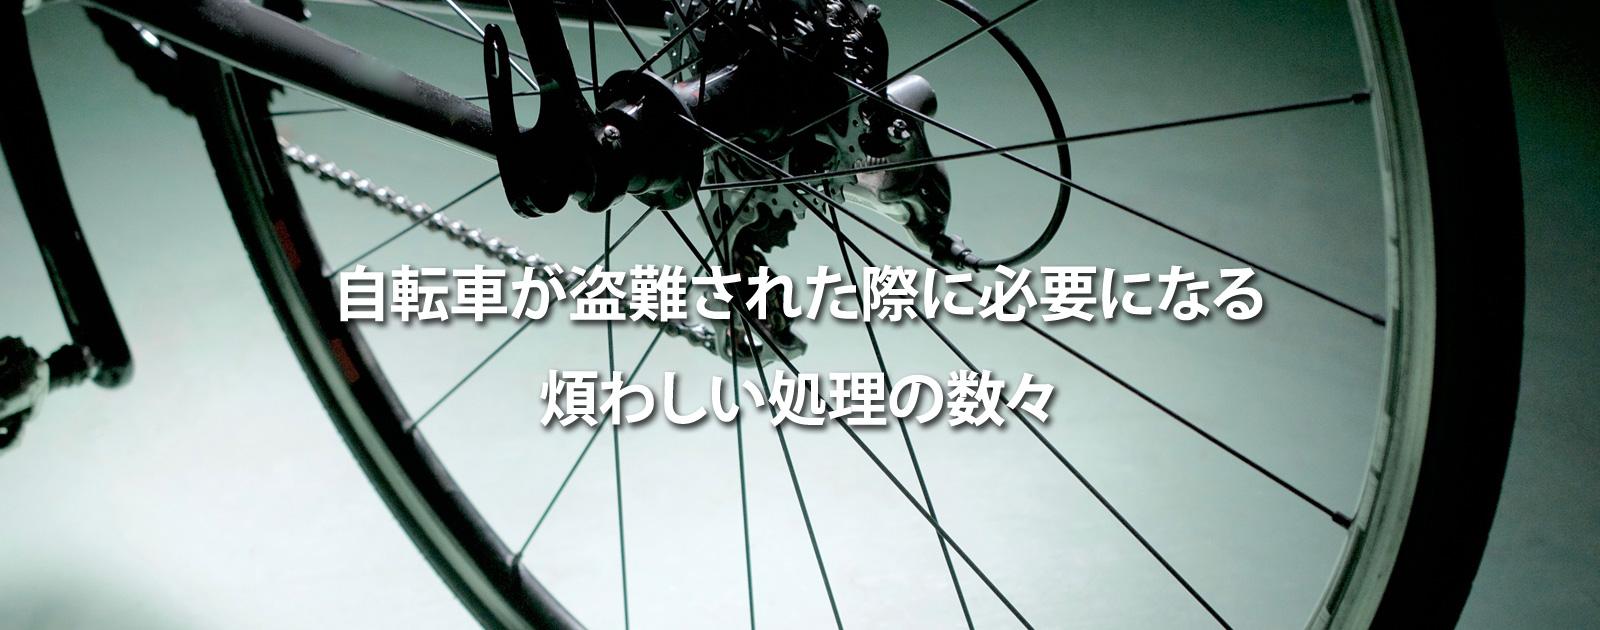 犯人を捕まえたいなら盗難自転車を発見しても警察に通報してはならない